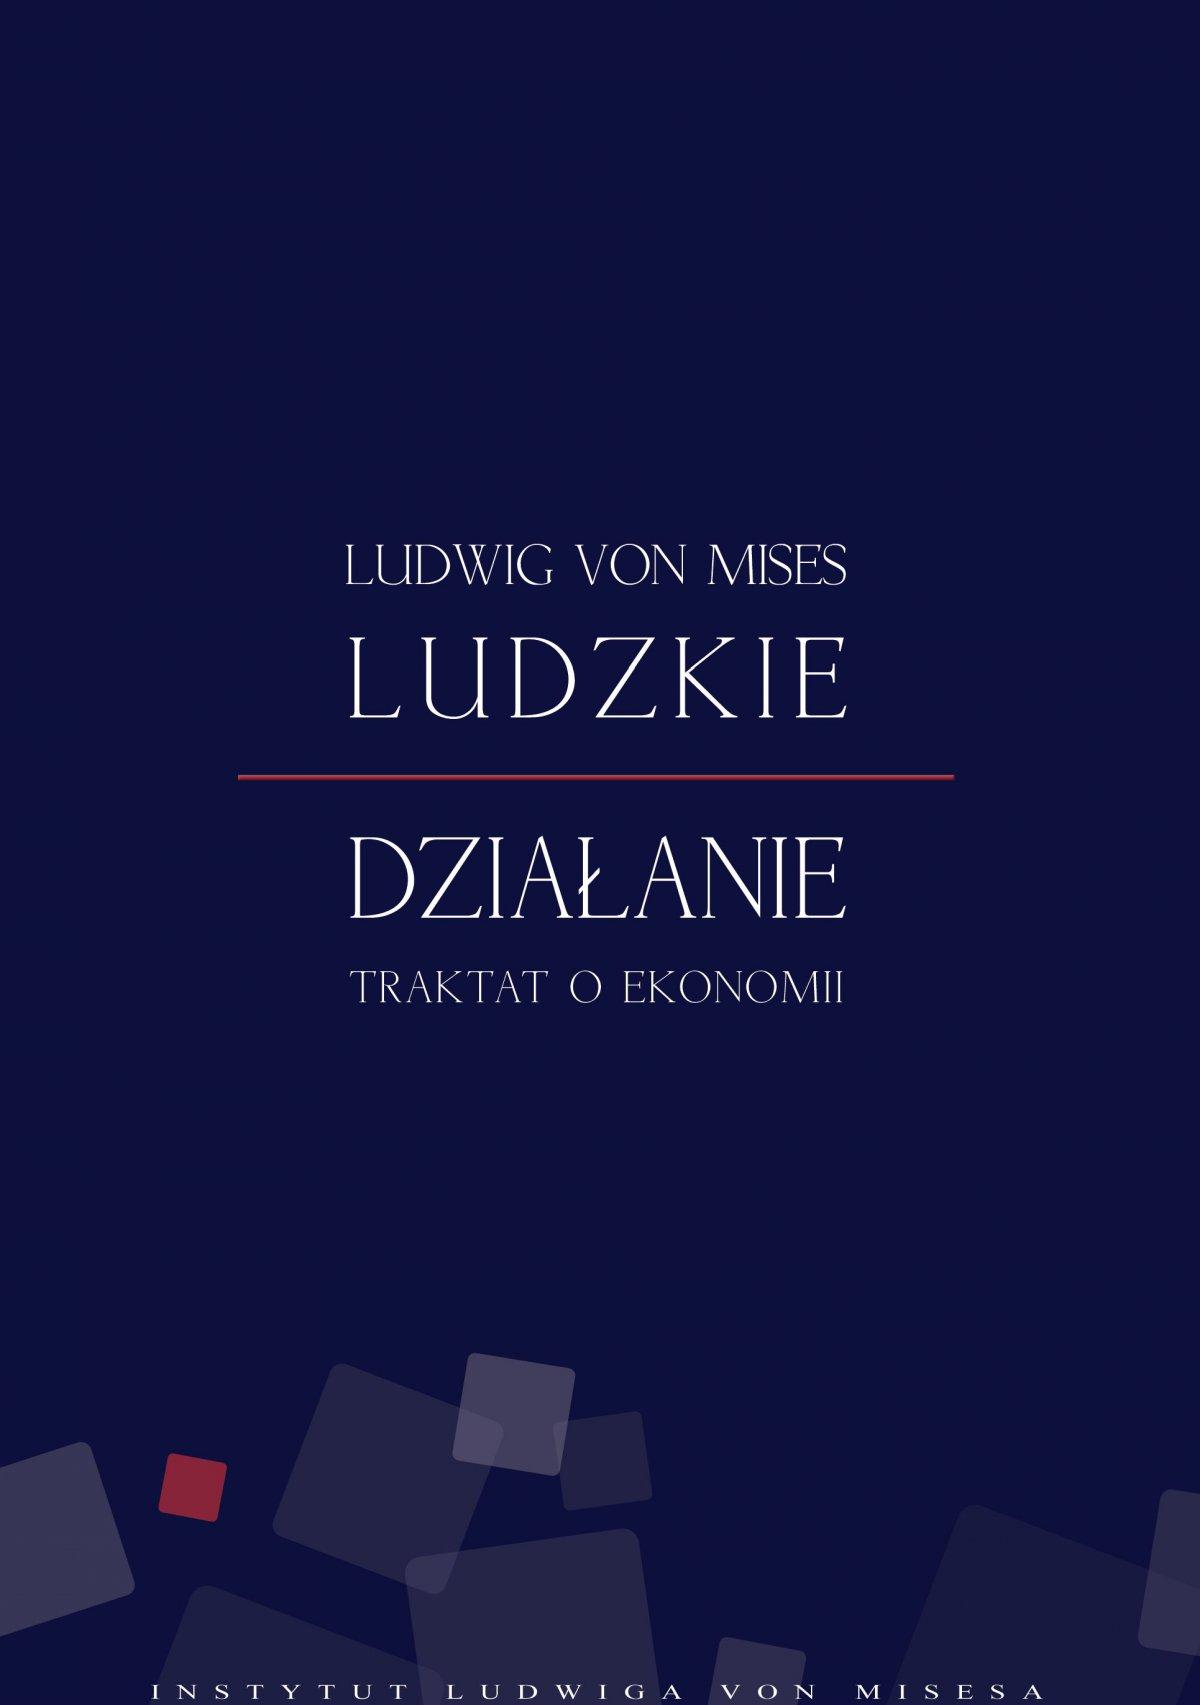 Ludzkie działanie. Traktat o ekonomii - Ebook (Książka PDF) do pobrania w formacie PDF